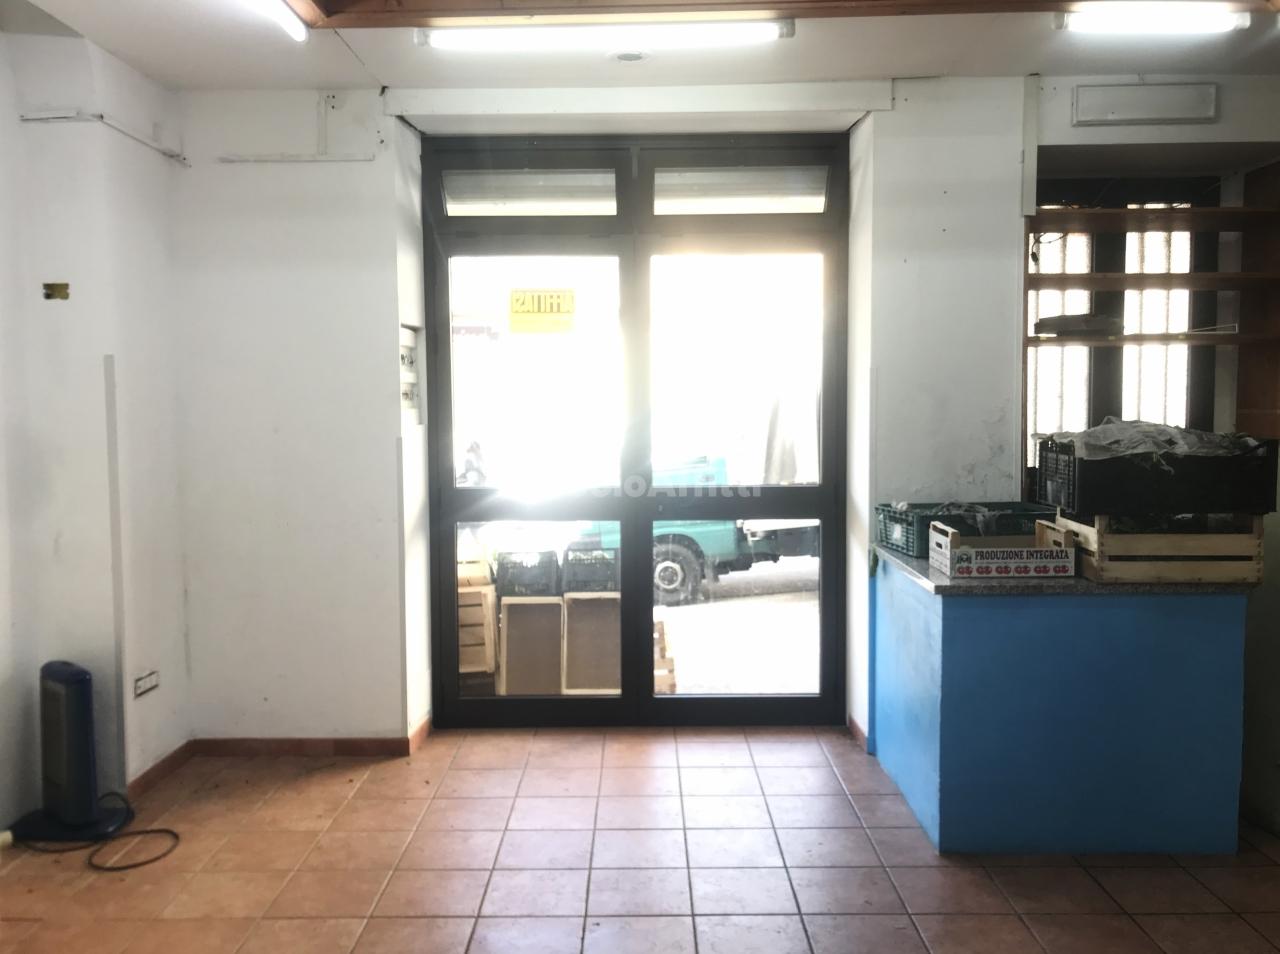 Fondo/negozio - 1 vetrina/luce a Centro, Catanzaro